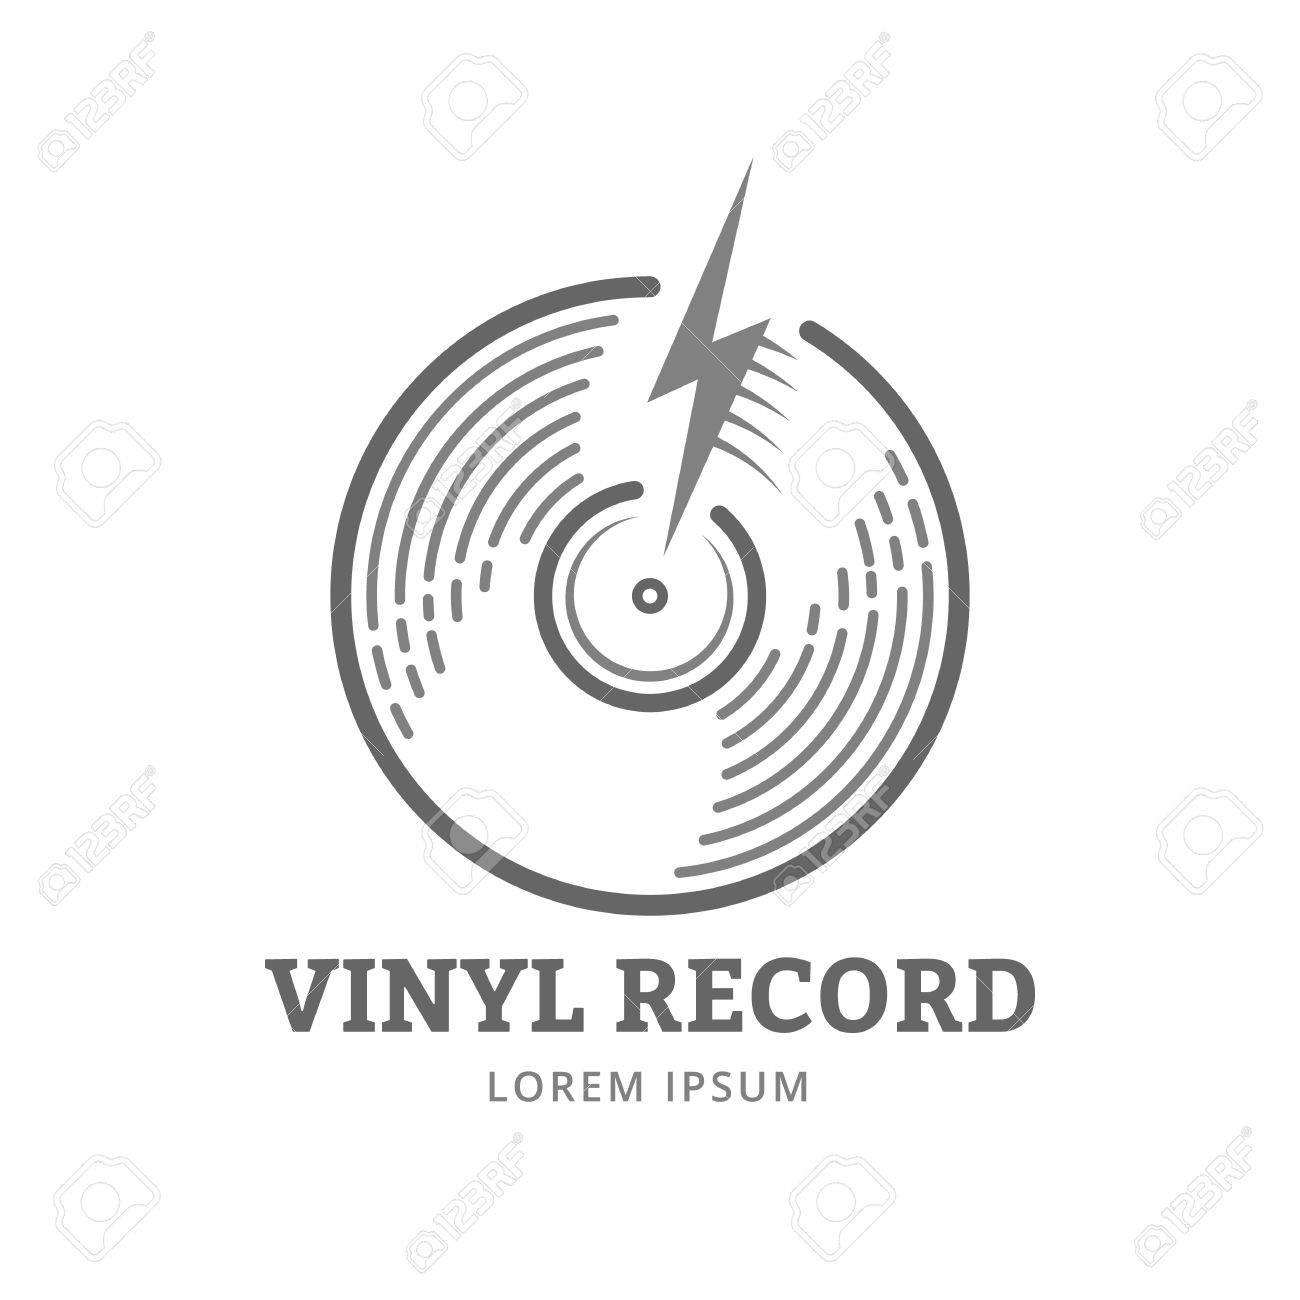 vinyl record logo modèle vector icône de la musique ou de l emblème